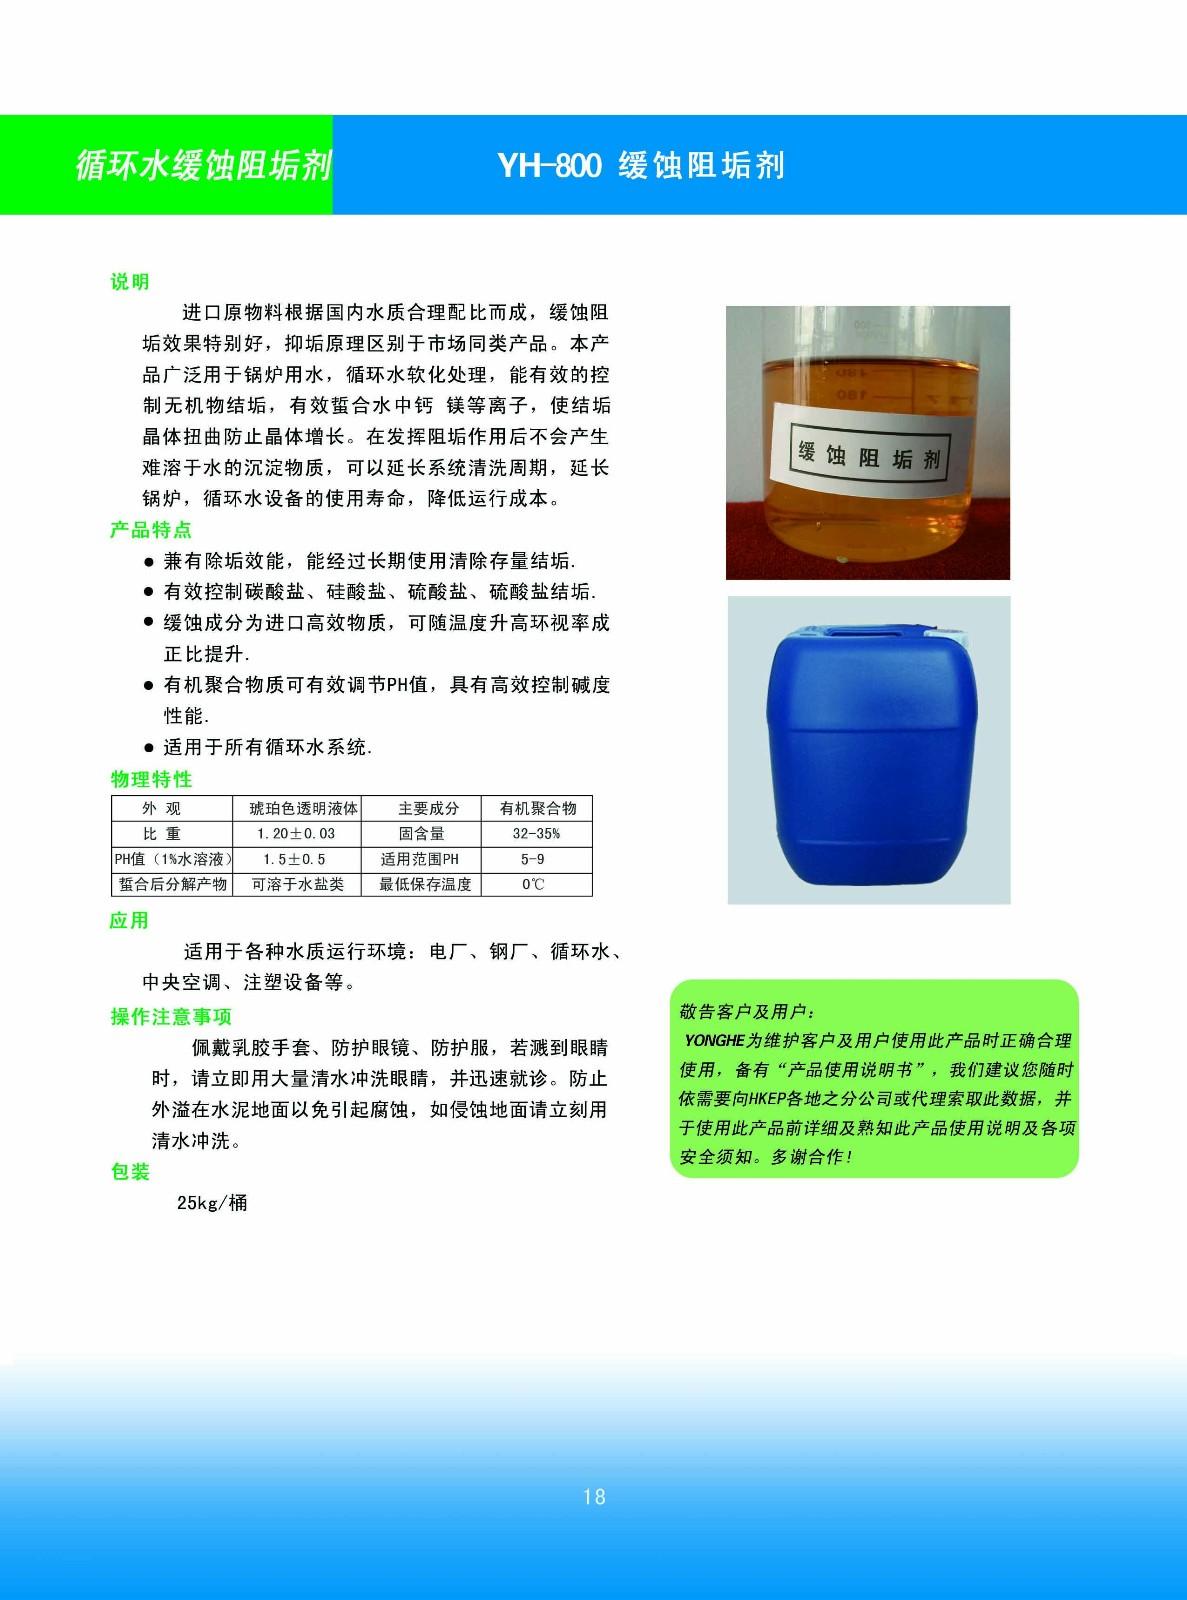 18  YH-800 緩蝕阻垢劑.jpg